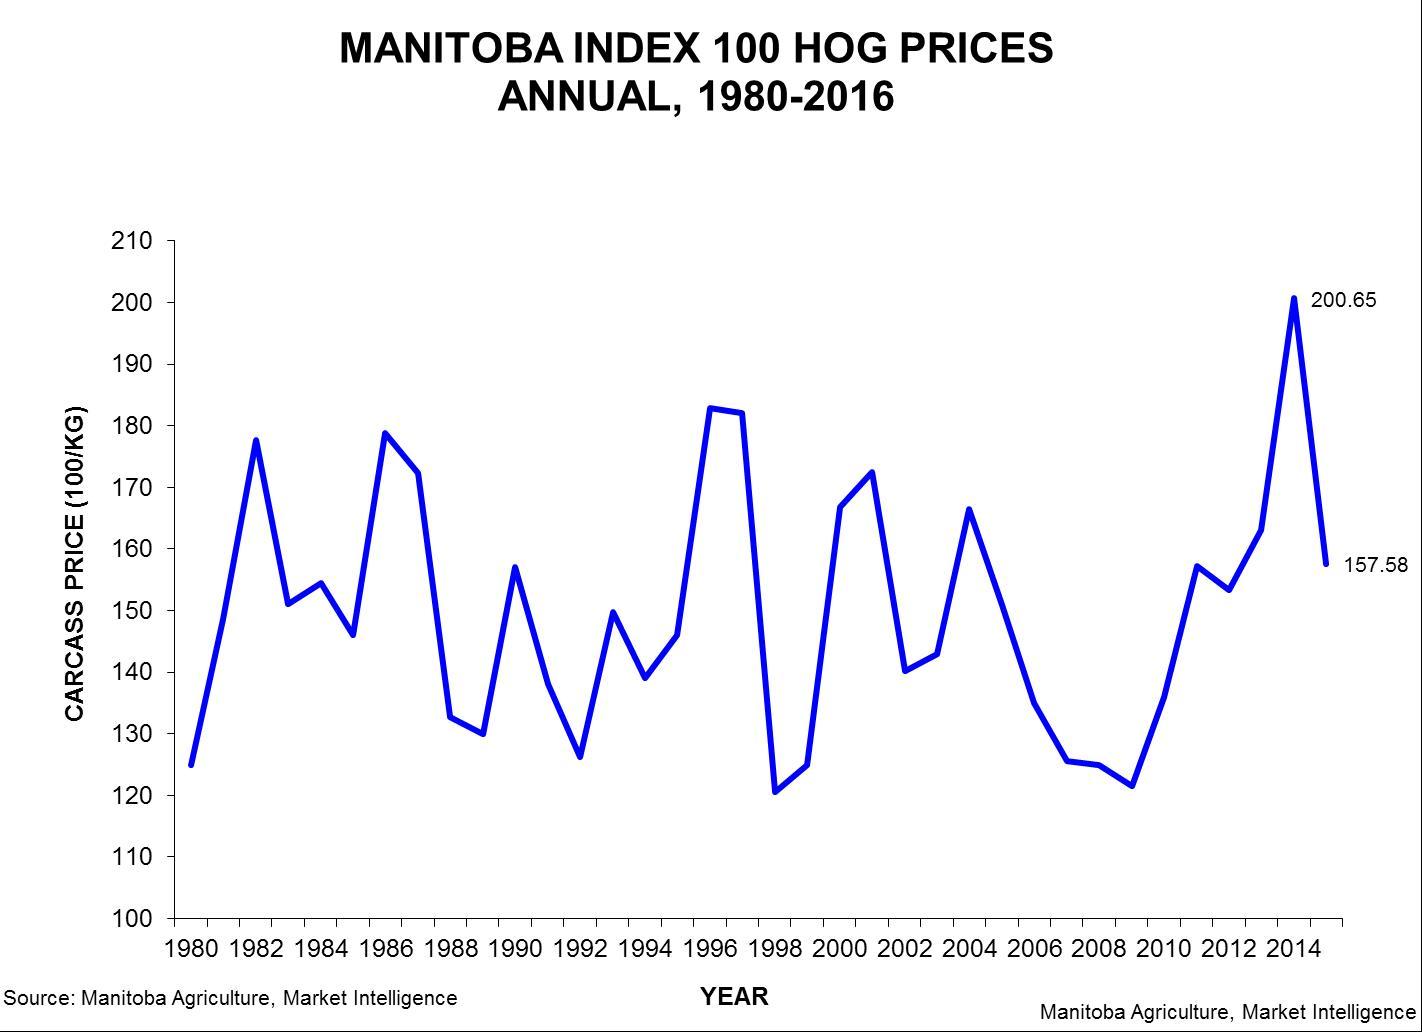 Manitoba Index 100 Hog Prices